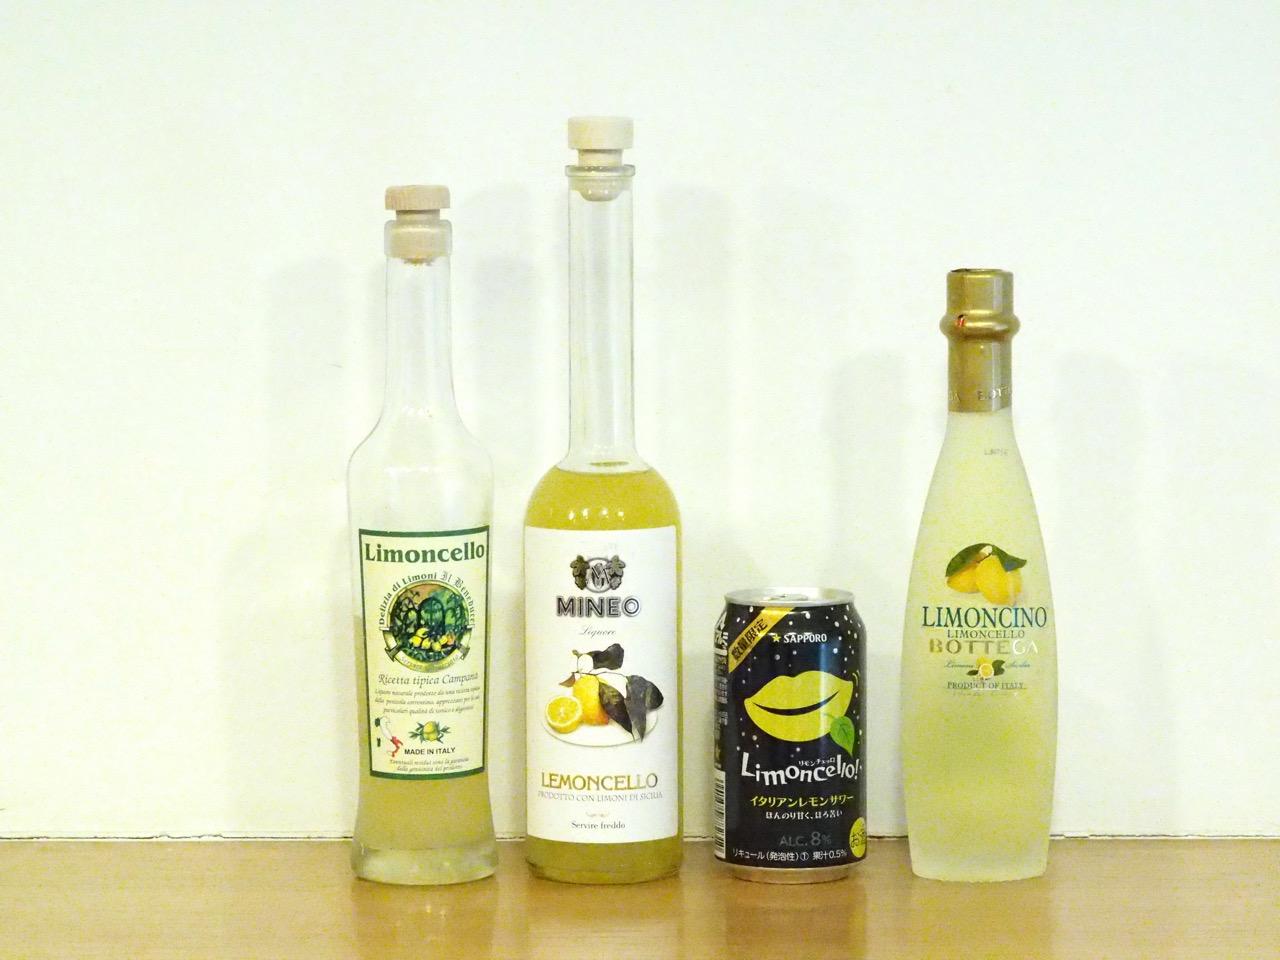 自分向きアルコール飲料が作れるリモンチェッロ